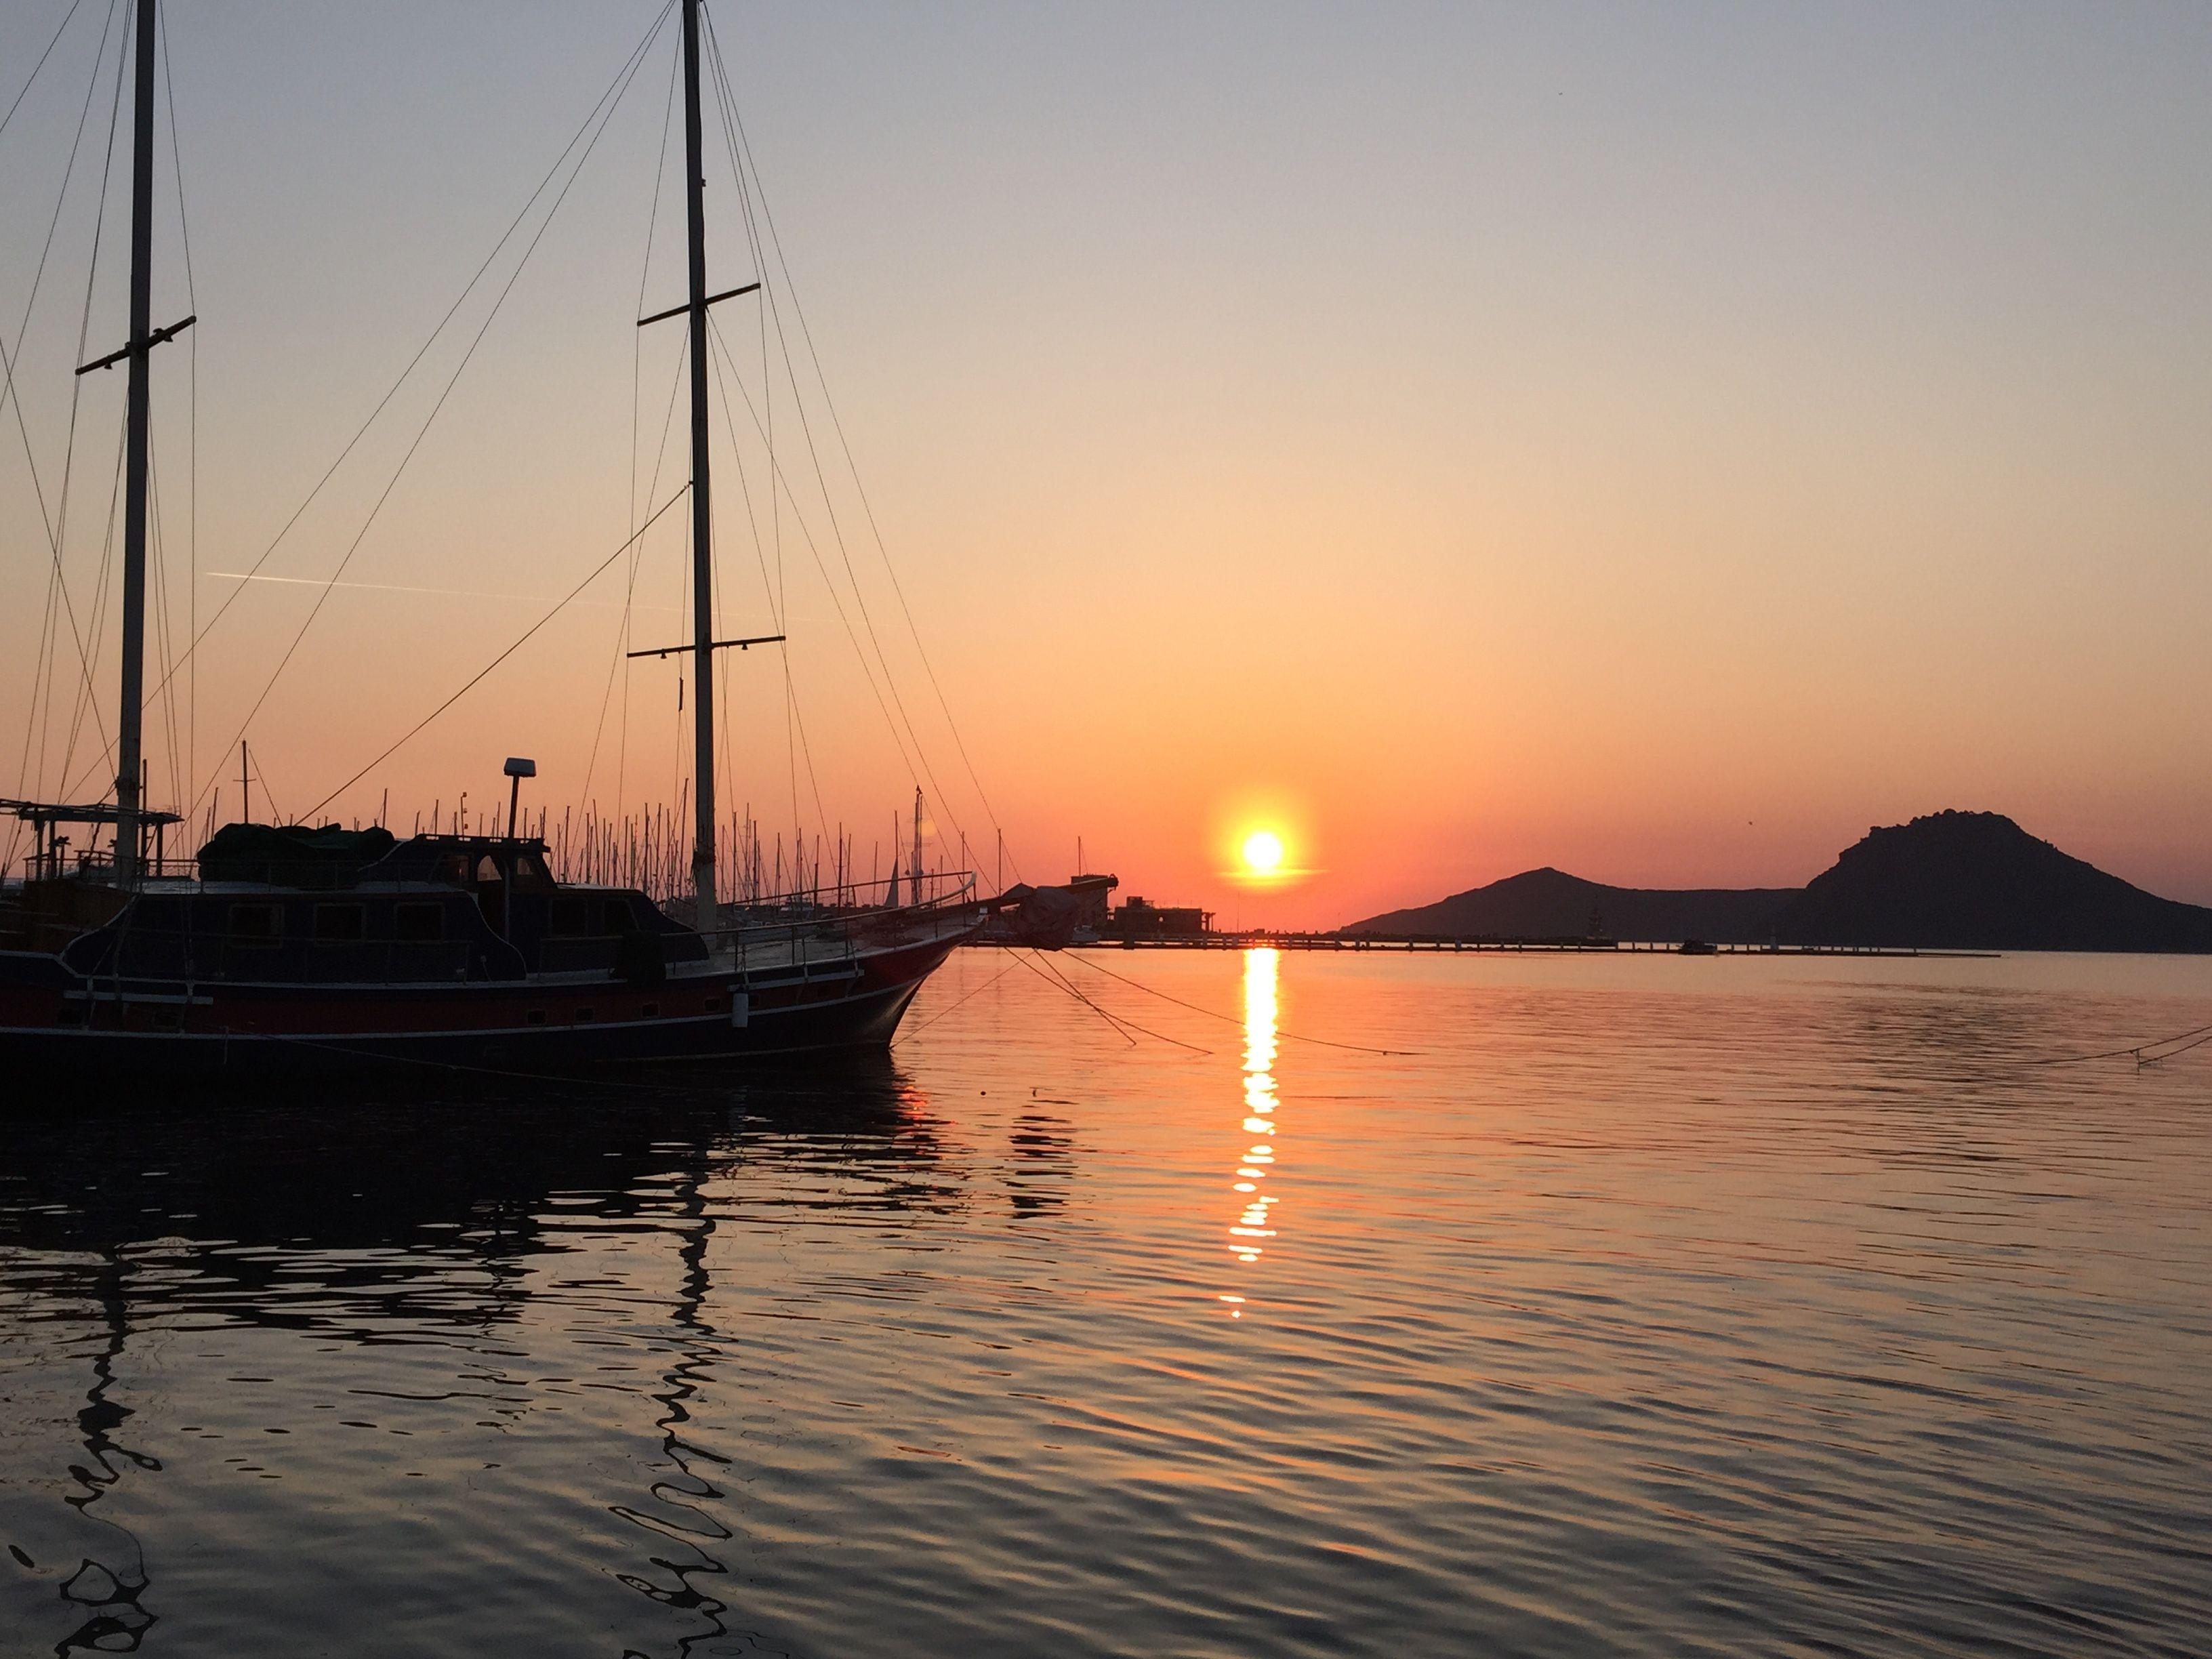 Another perfect #Yalikavak #sunset...